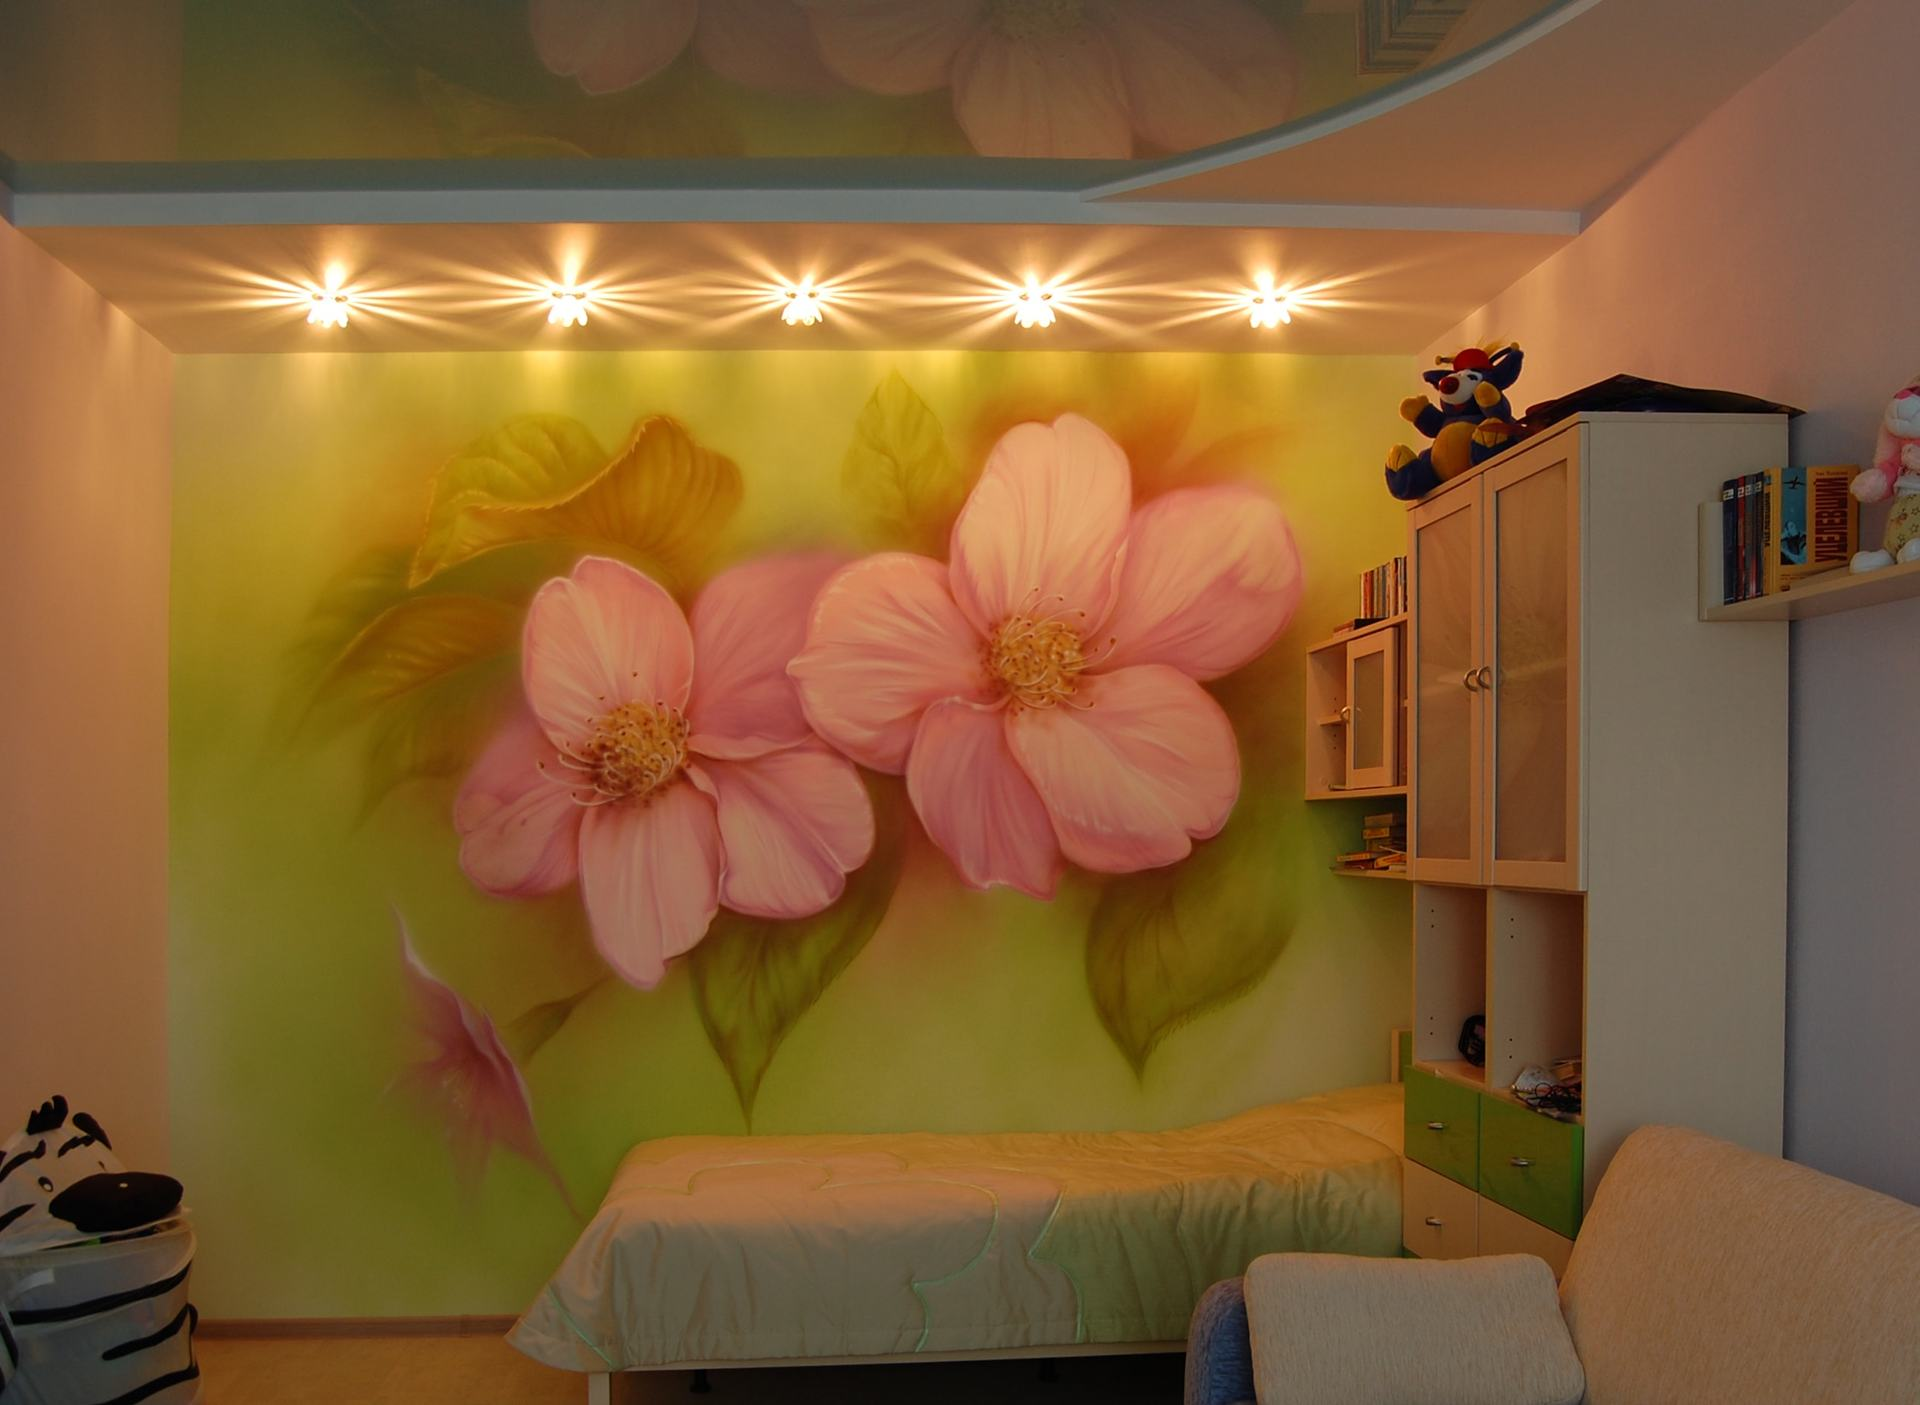 Рисунки на стенах в квартире гуашью